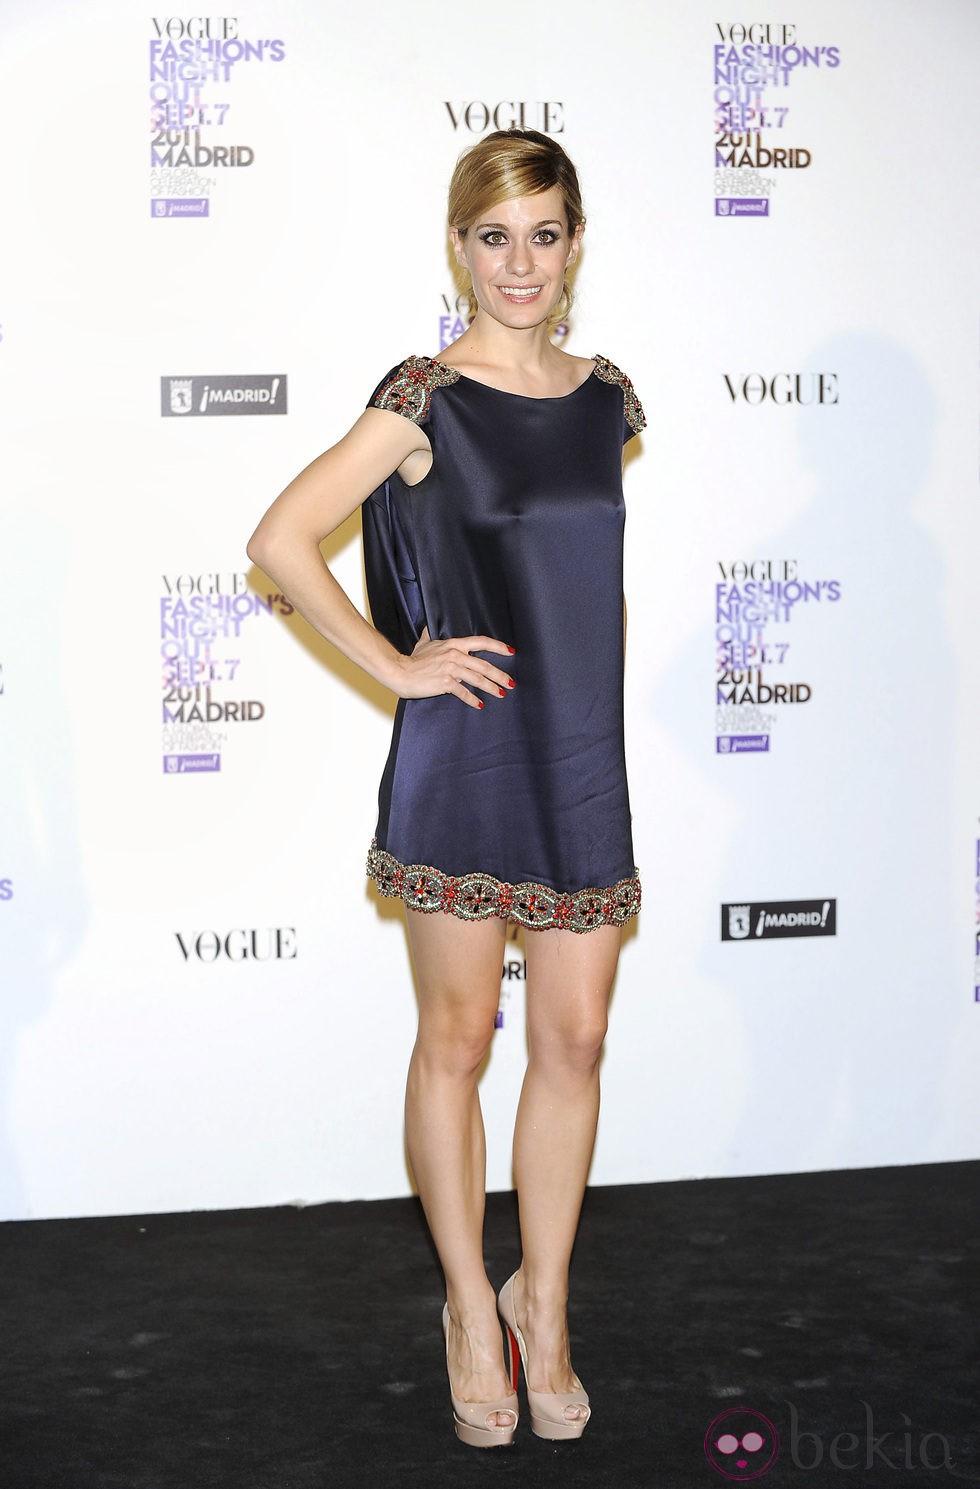 Alexandra Jiménez en la Vogue Fashion's Night Out 2011